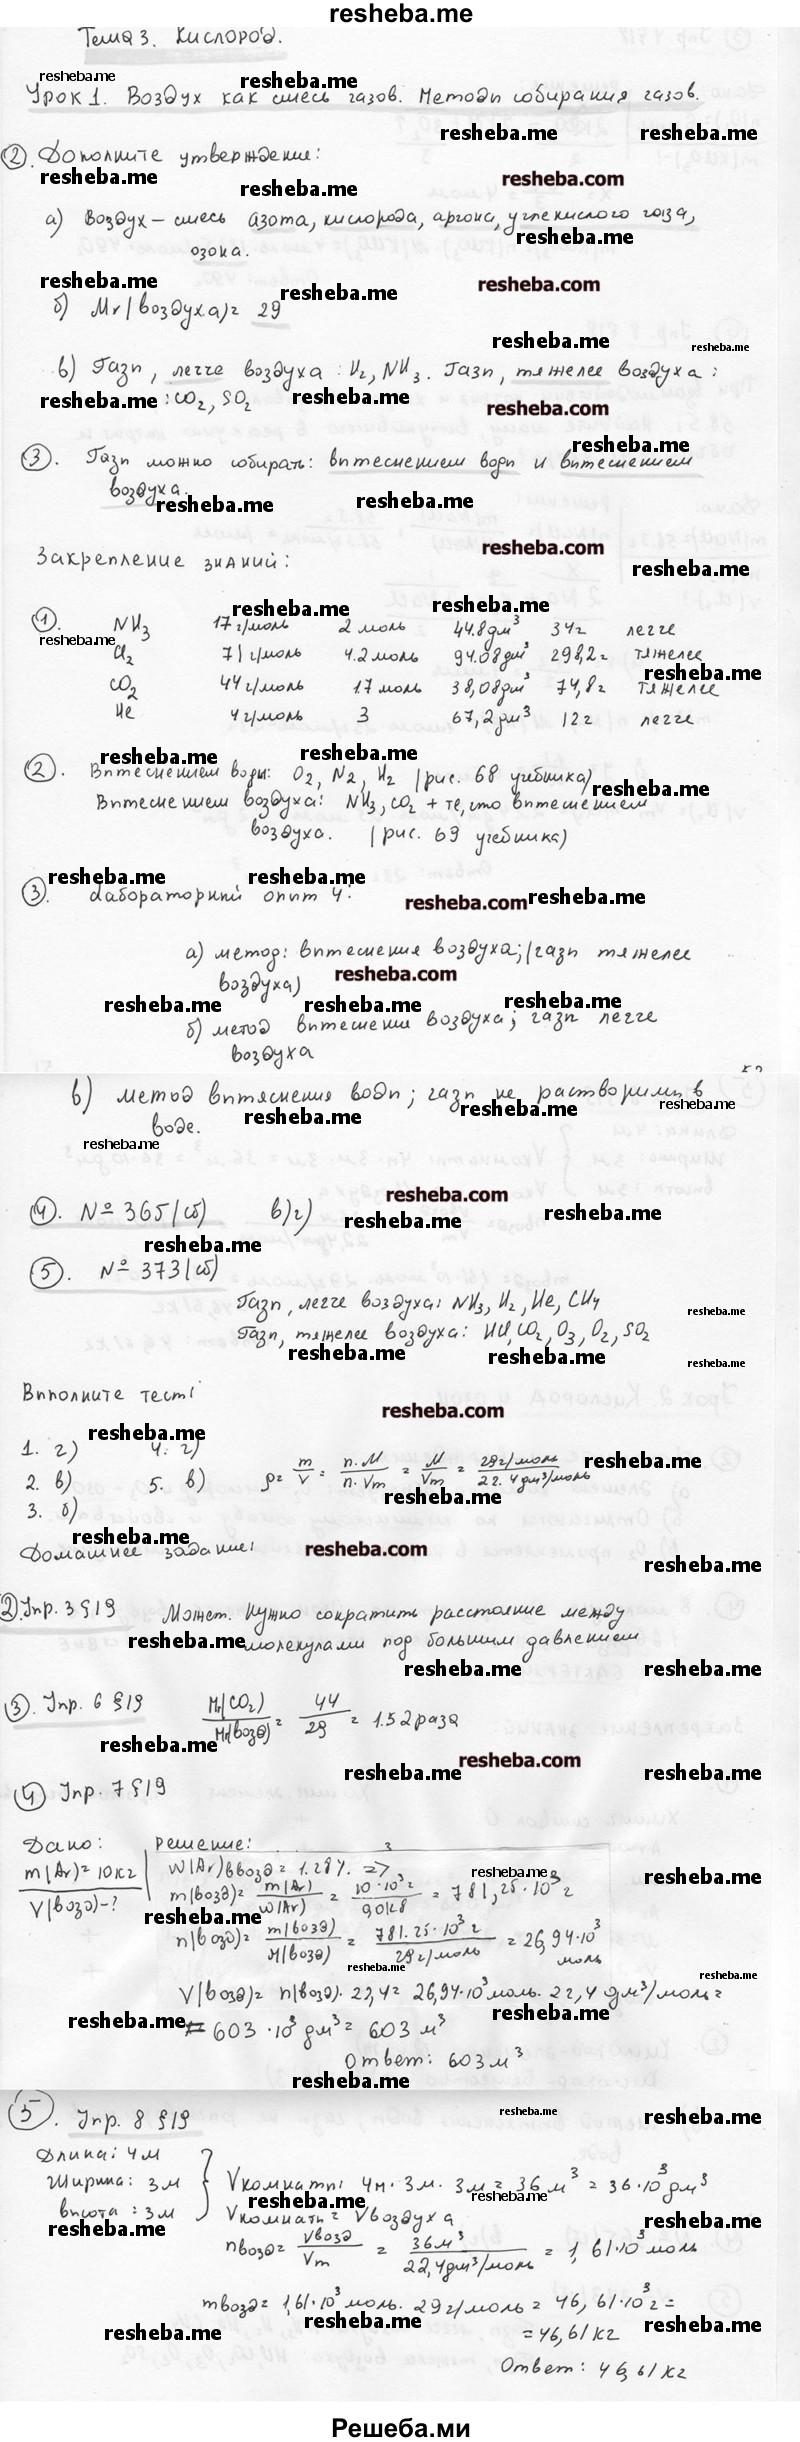 Решебник по химии 7 класс в рабочей тетради сечко